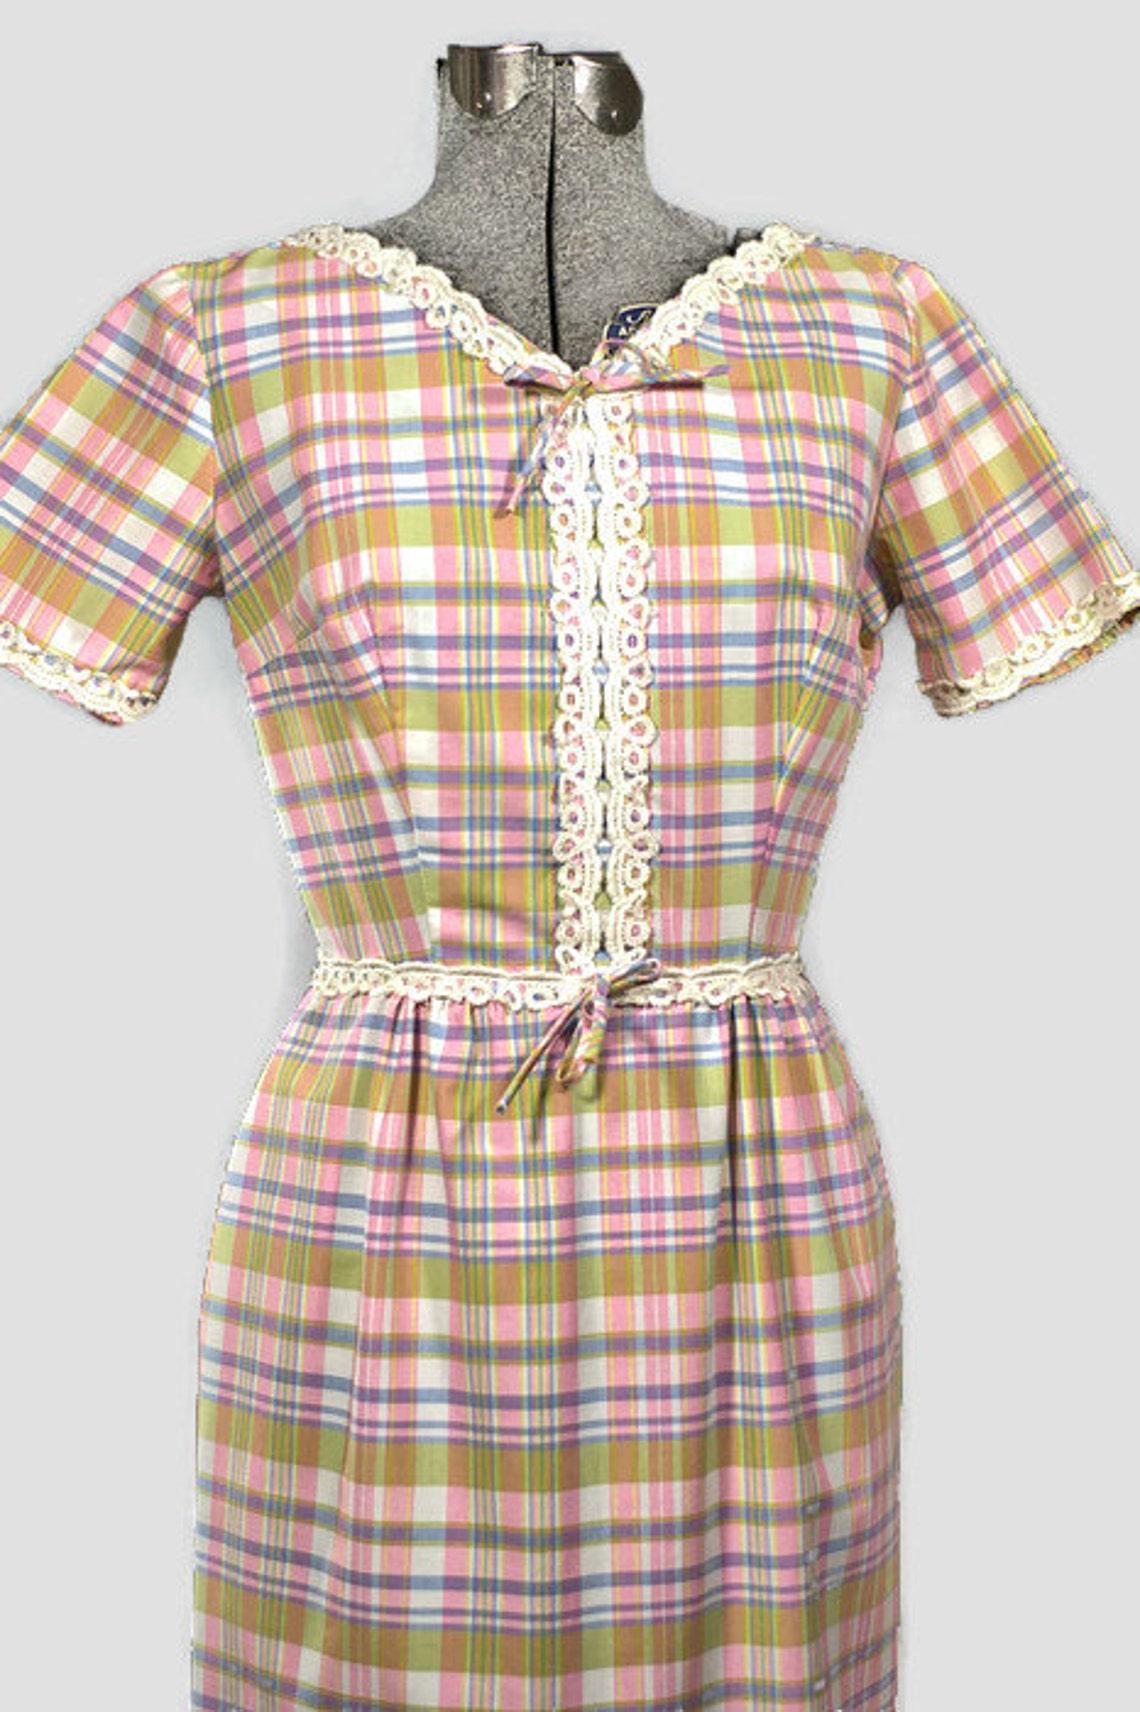 1960's Cotton Dress. Vintage Spring Cotton Plaid Shift